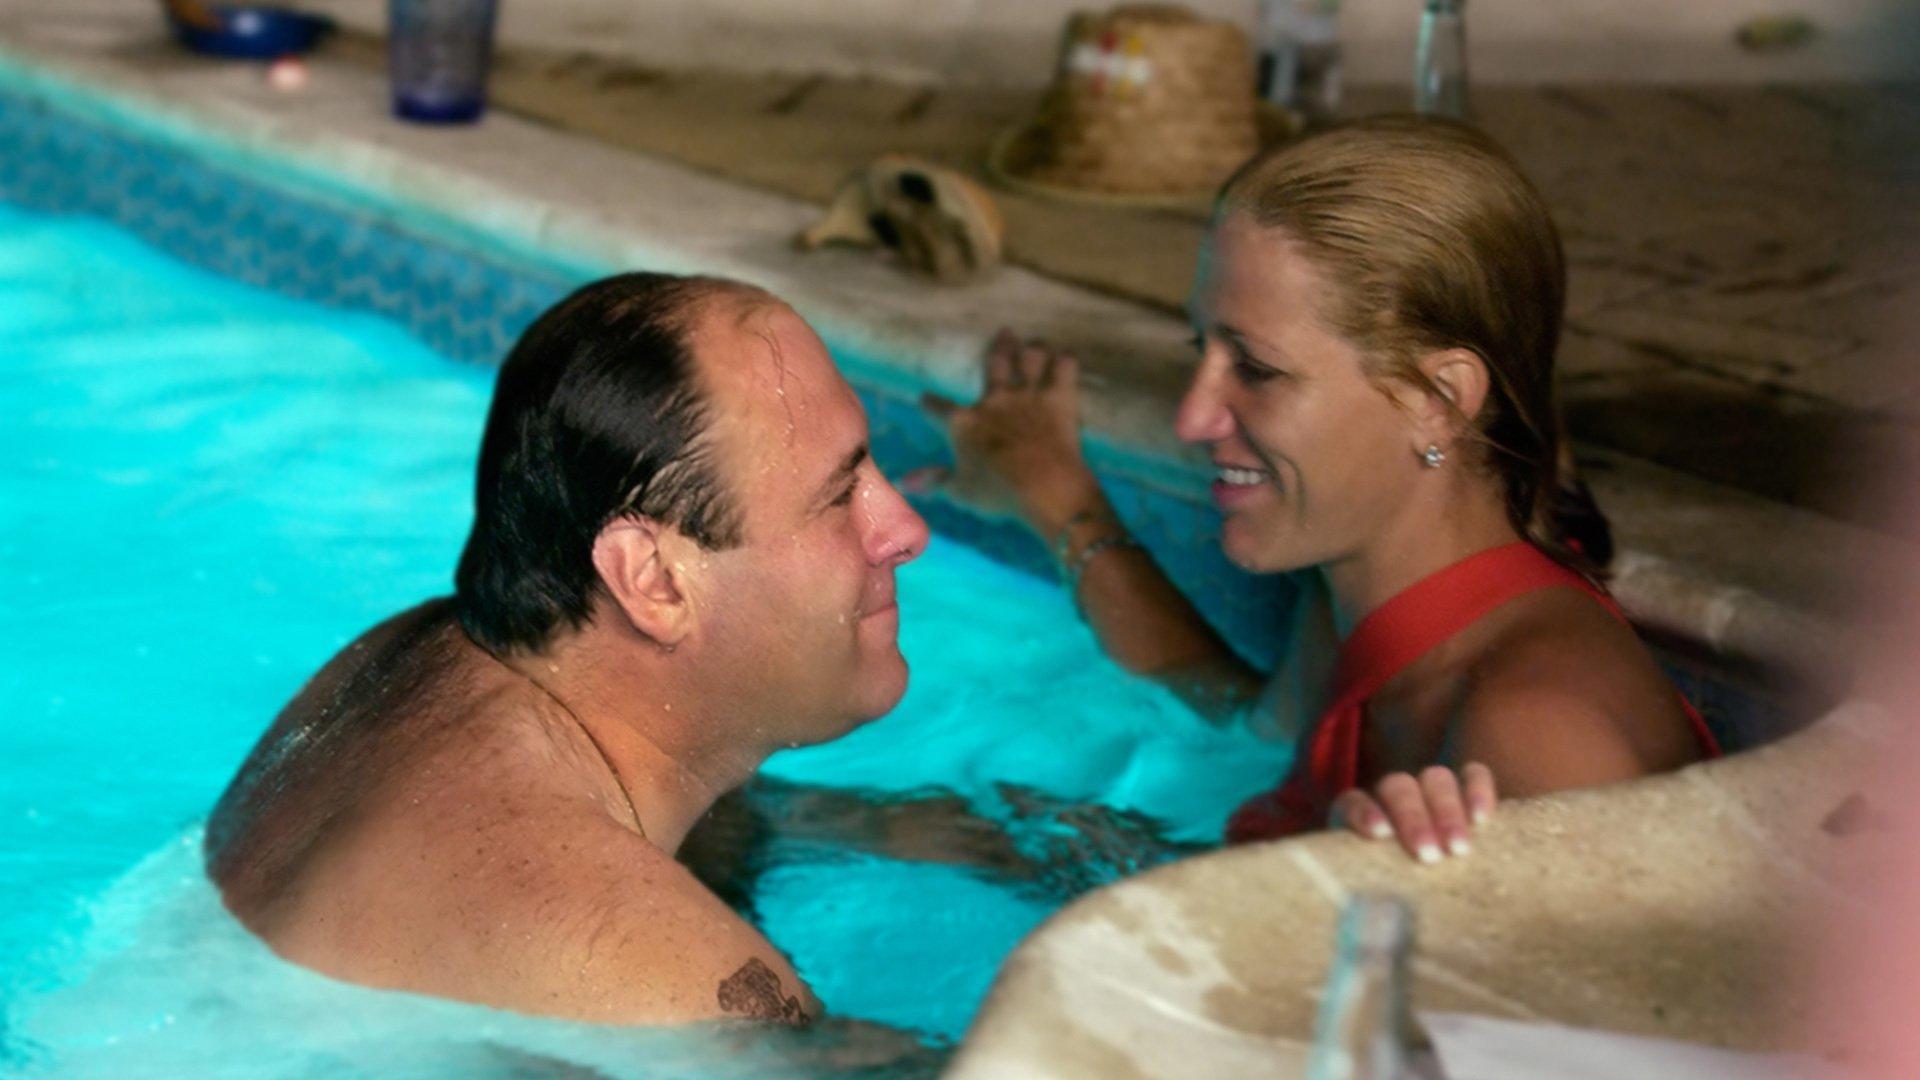 Marco Polo Summary - The Sopranos Season 5, Episode 8 Episode Guide